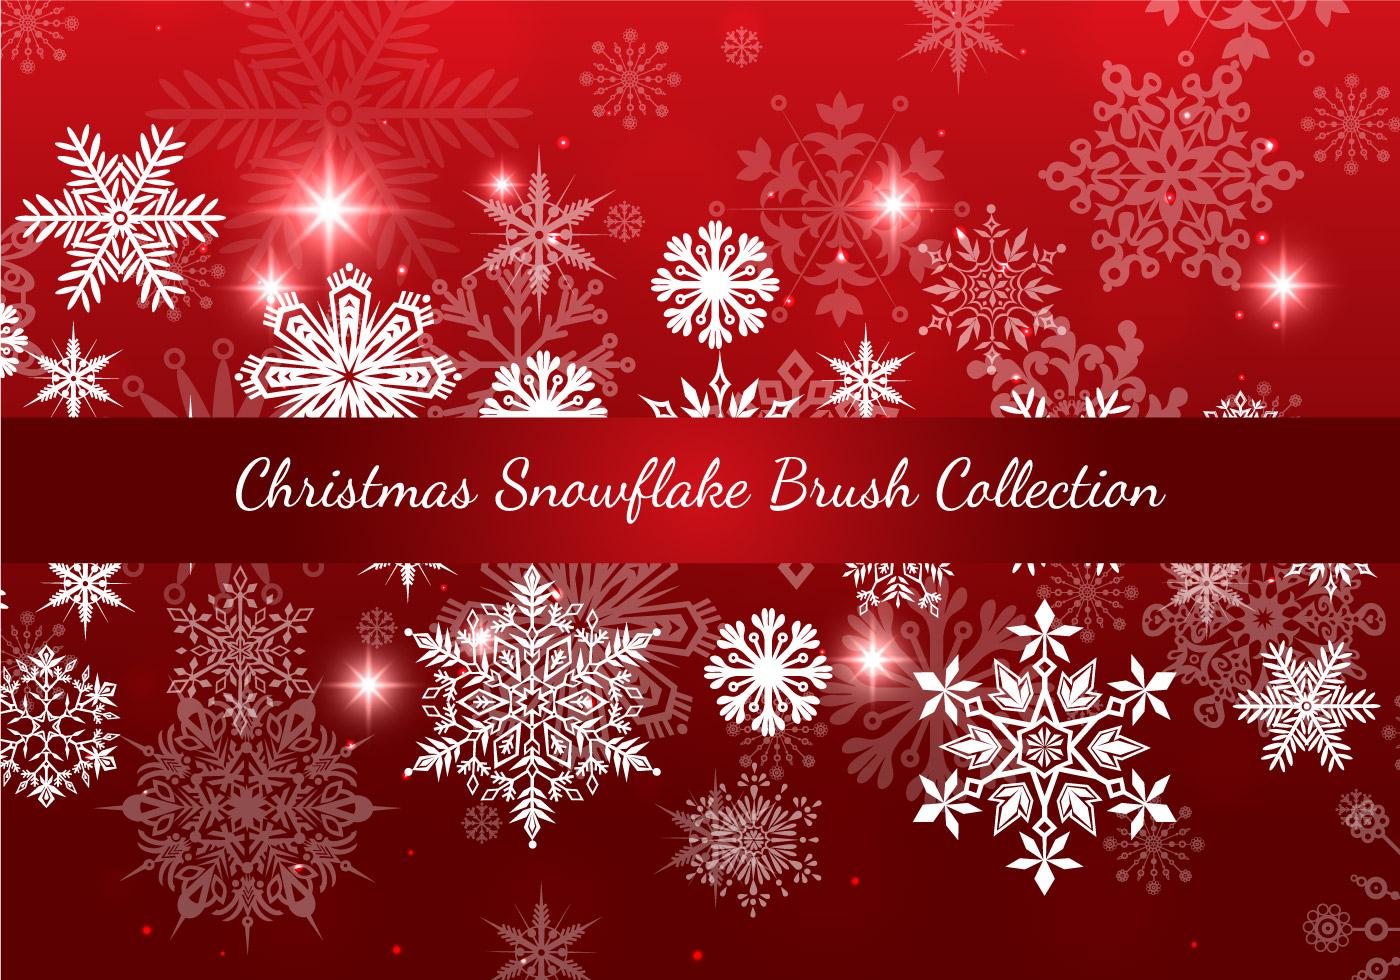 Weihnachten Schneeflocke Pinsel Sammlung - Kostenlose Photoshop ...